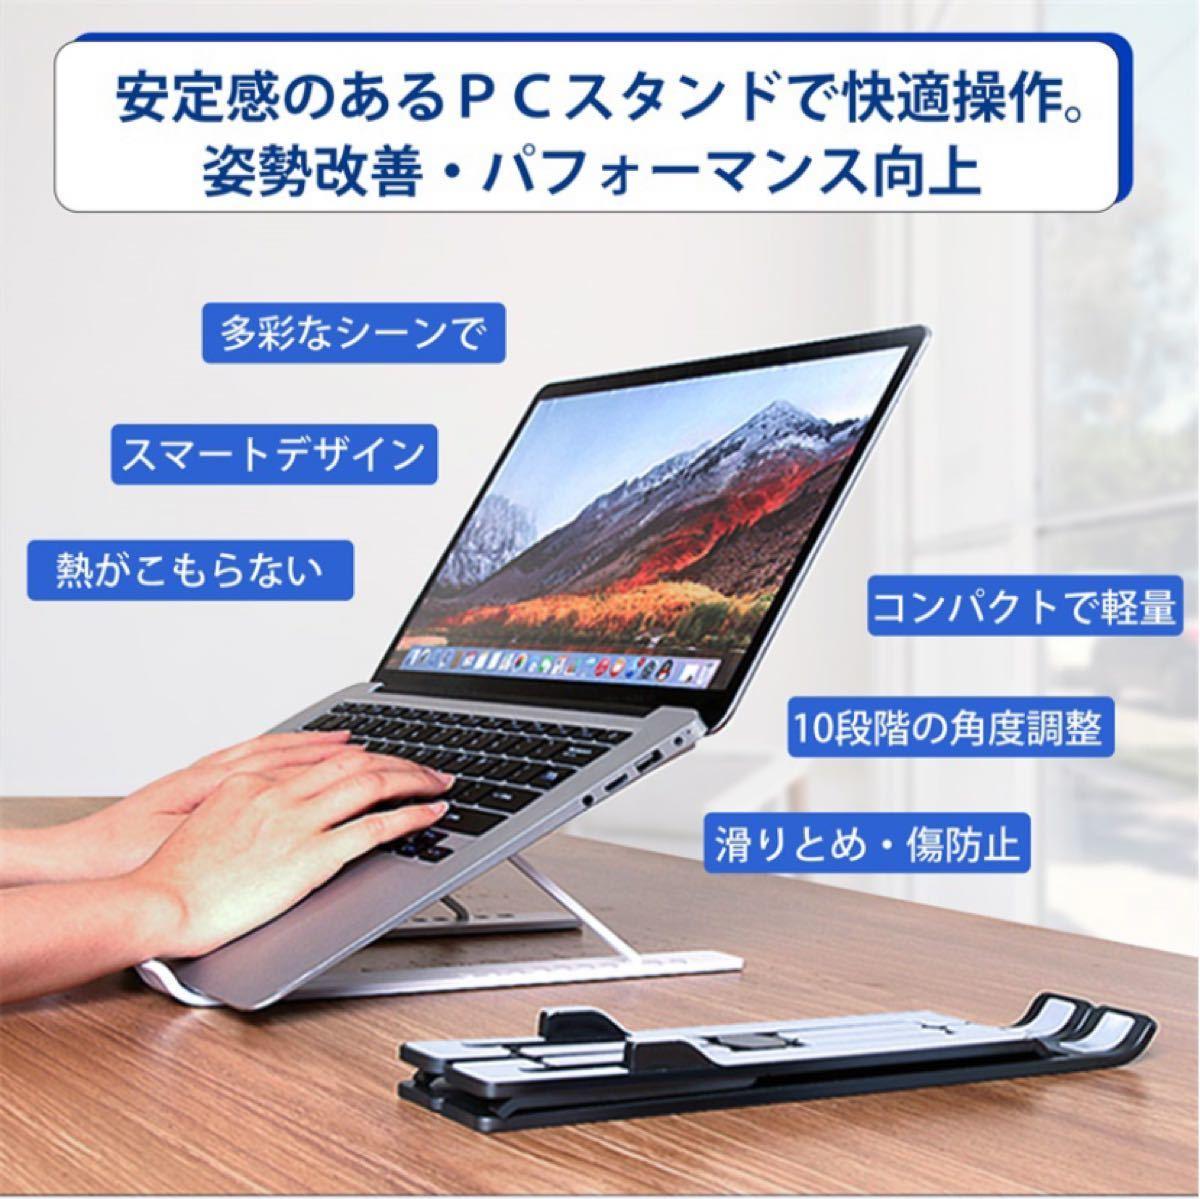 ノートパソコンスタンド 折り畳み タブレット 角度調節